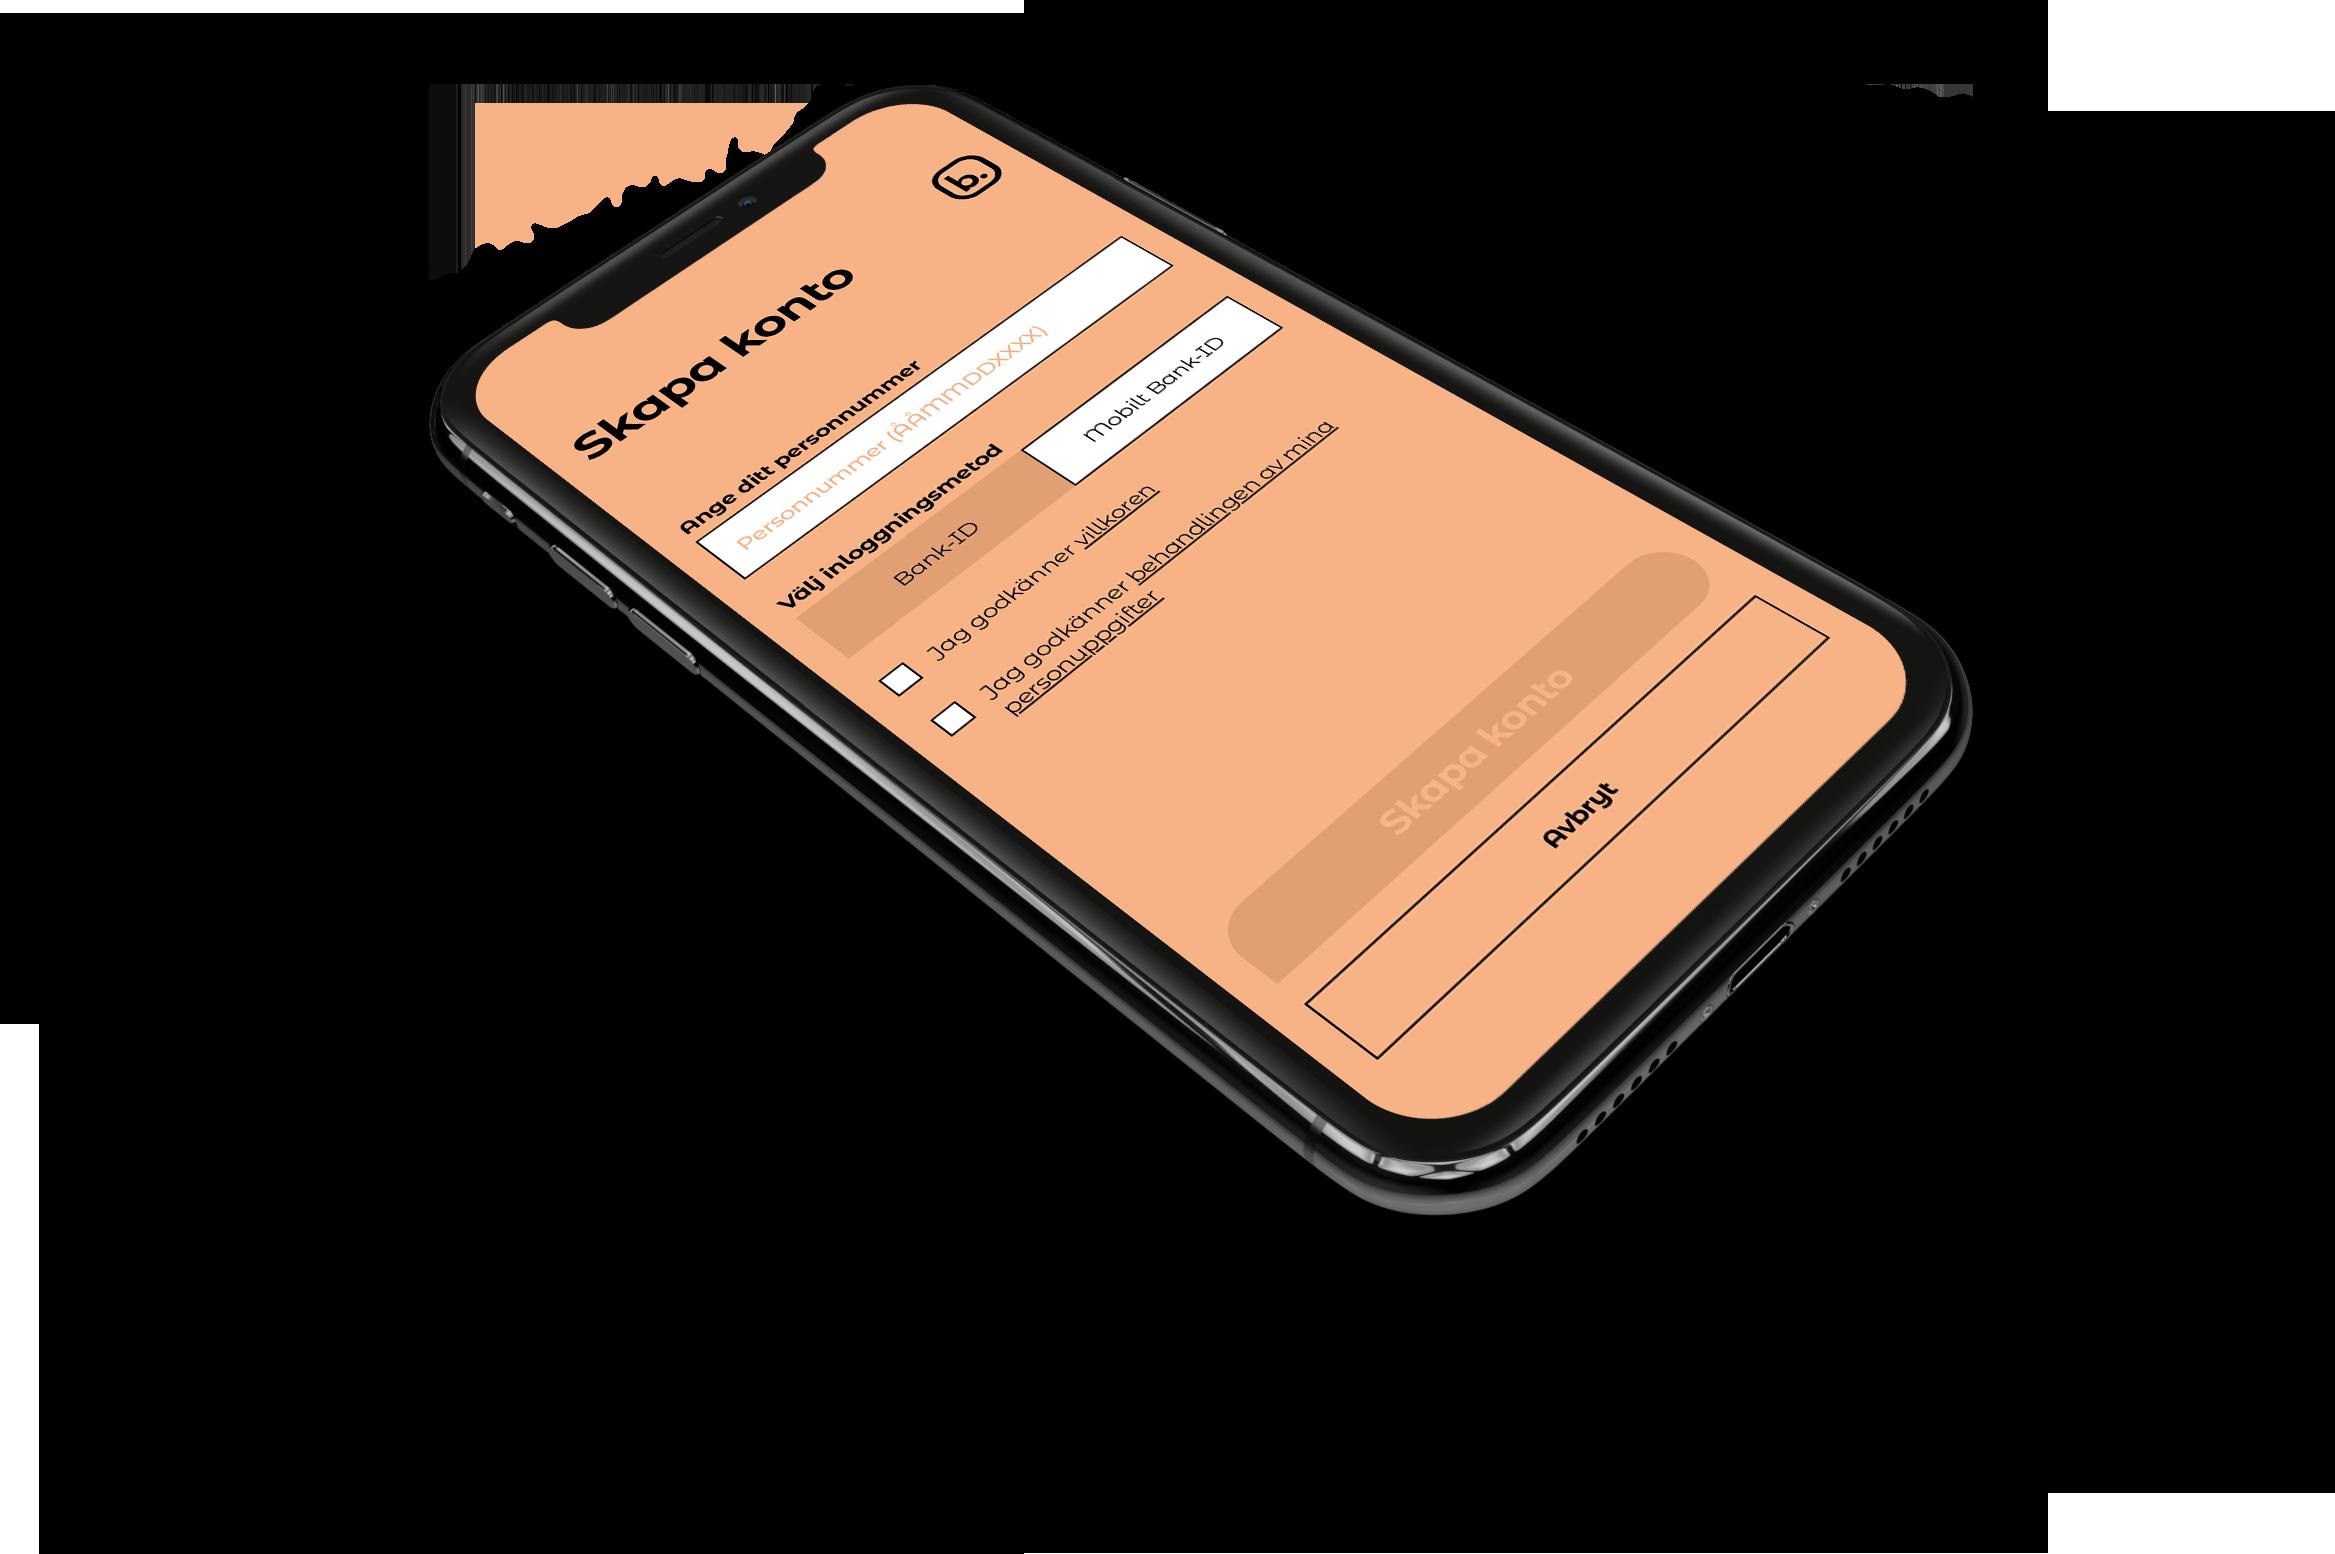 bäst på egenanställning billig avgift smart interface